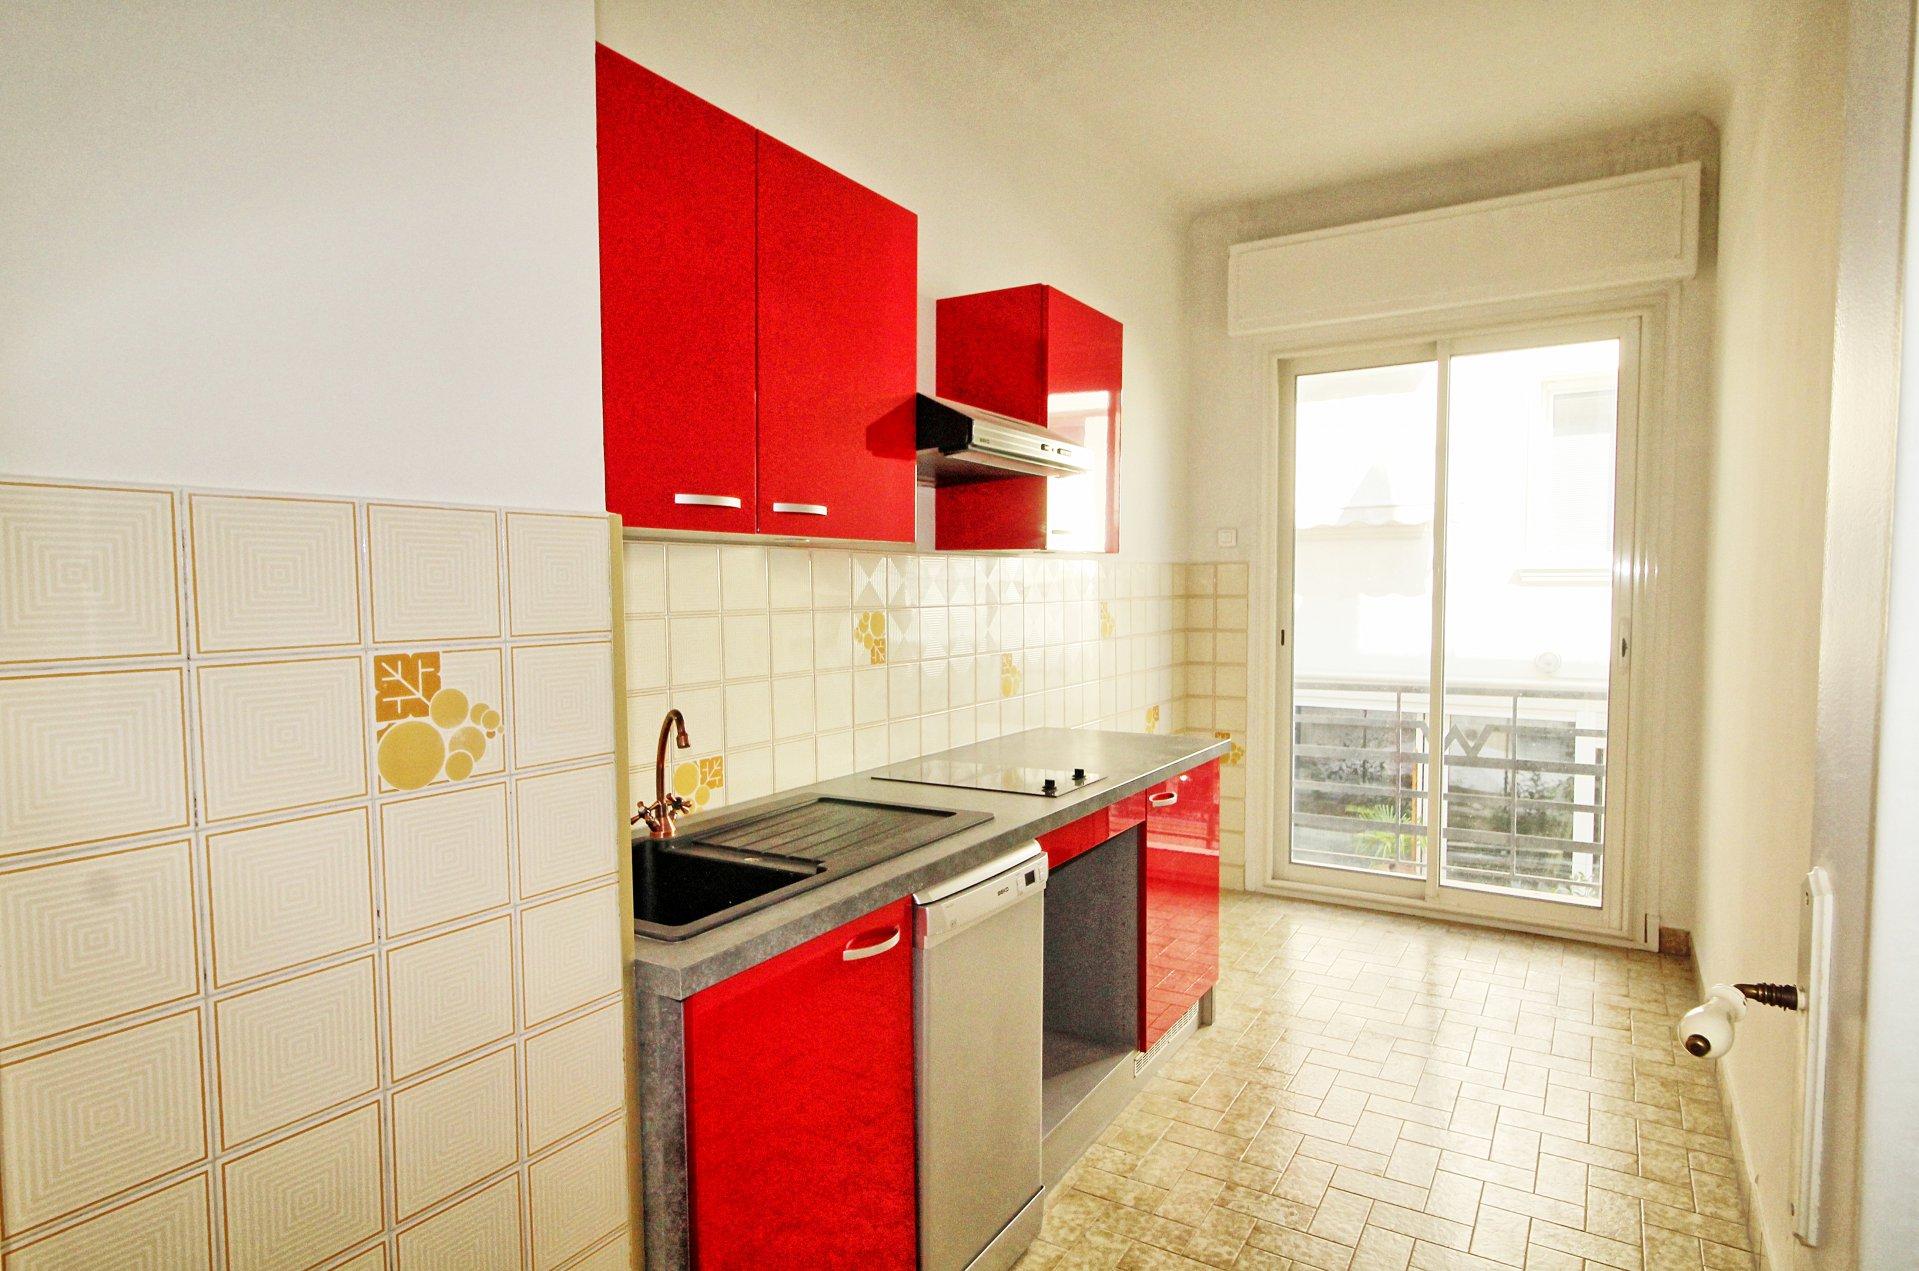 Cuisine, acier inoxydable, carrelage, deux pièces, appartement à vendre